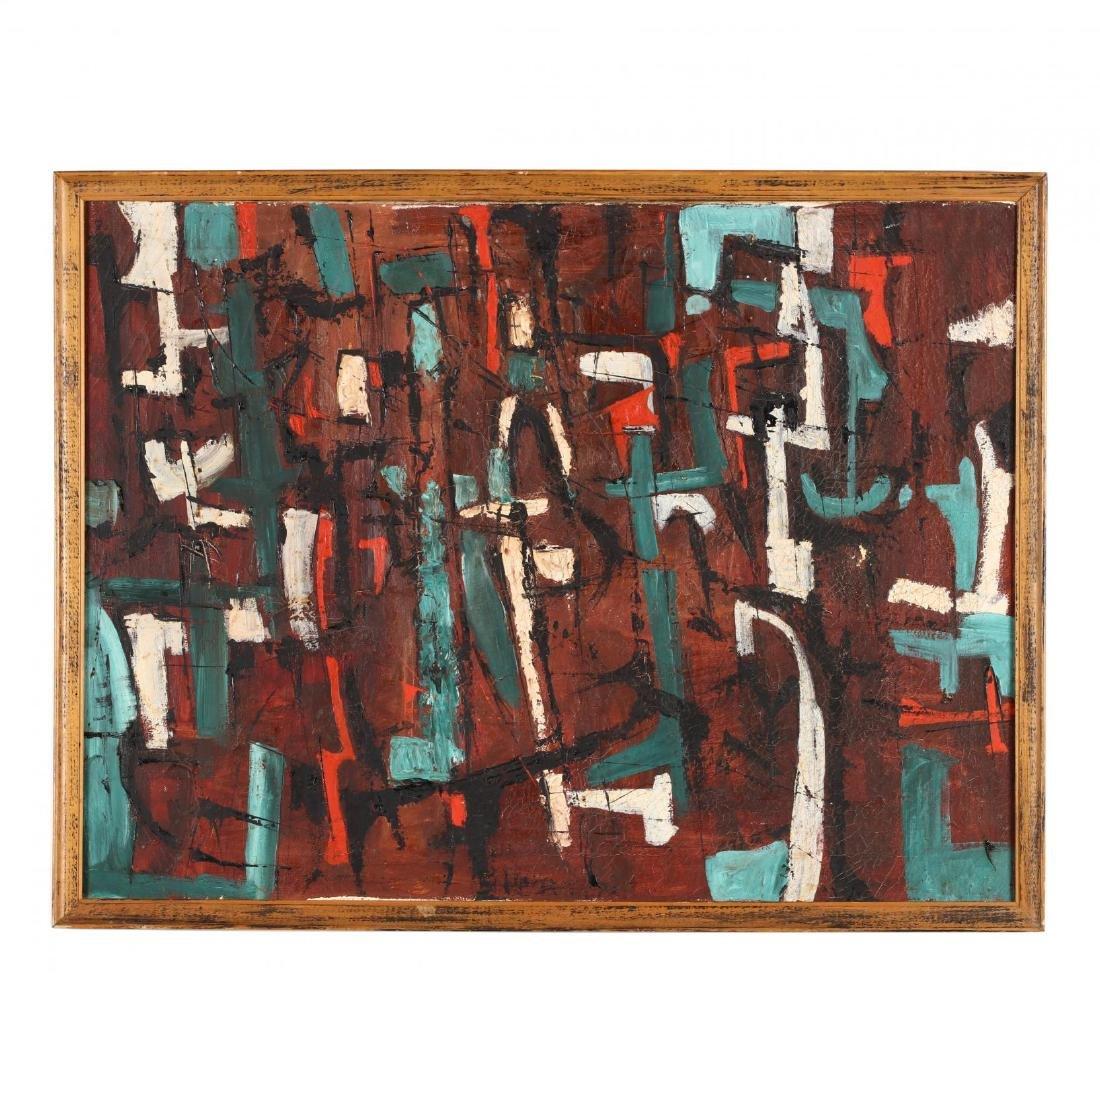 An Abstract Modern Painting, att. Tom Barnett